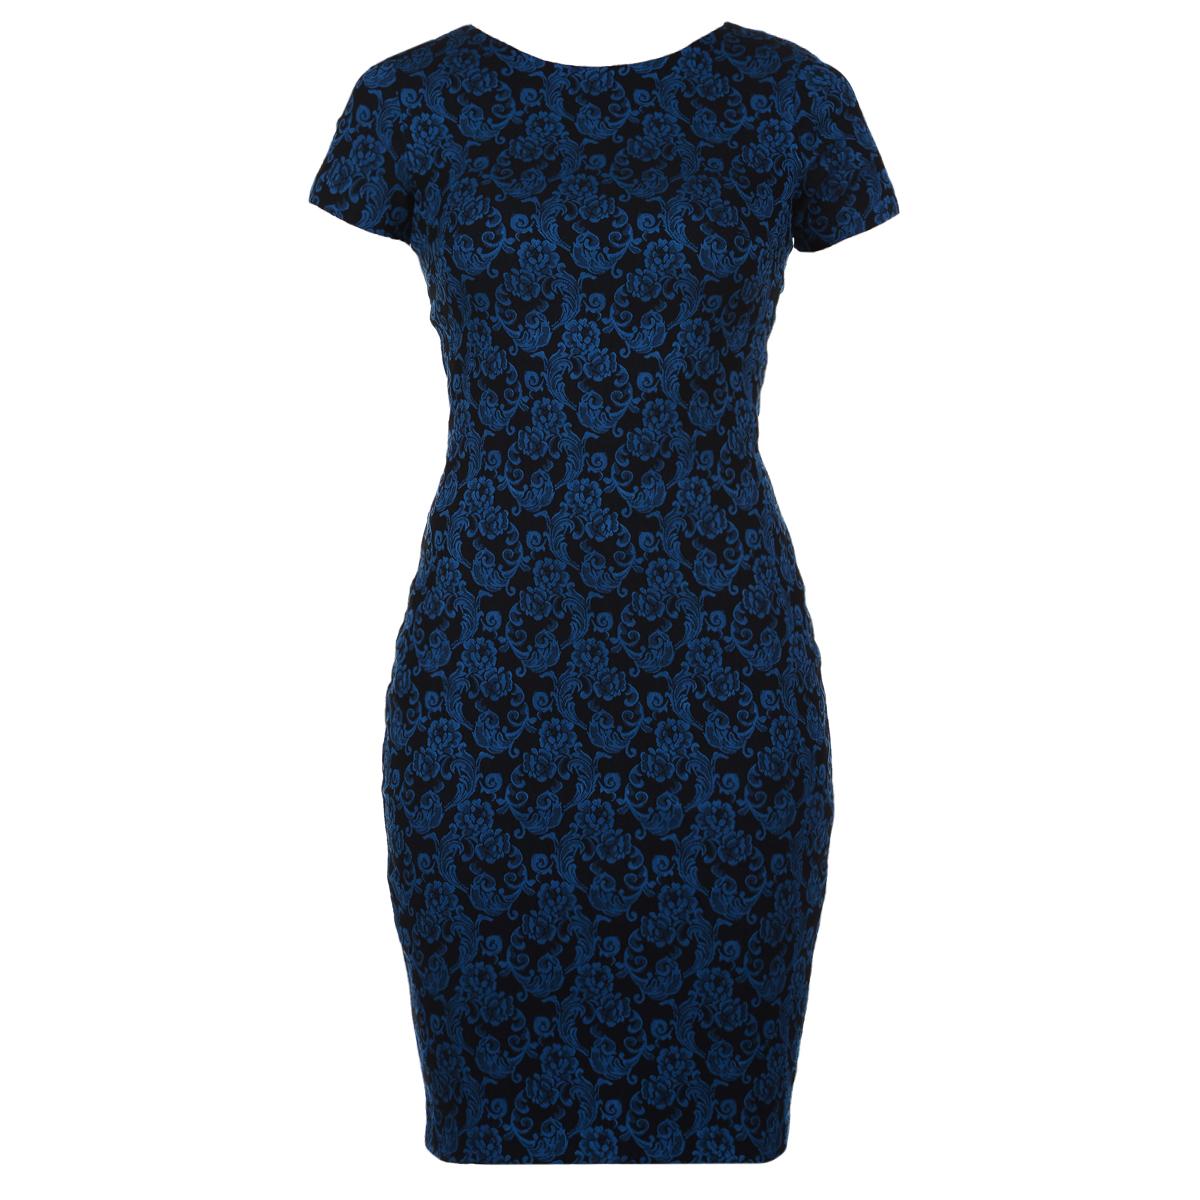 Платье. 51855185Элегантное платье Mondigo выполнено из структурной эластичной ткани с оригинальным объемным принтом. Платье лаконичного дизайна с круглым вырезом горловины и короткими рукавами. Модель приталенного кроя, длина до середины колена, без подкладки. На спинке застегивается на потайную молнию, сзади на подоле предусмотрен небольшой разрез. Модель дополнена V-образным вырезом на спинке. Облегающий силуэт выгодно подчеркнет достоинства фигуры.